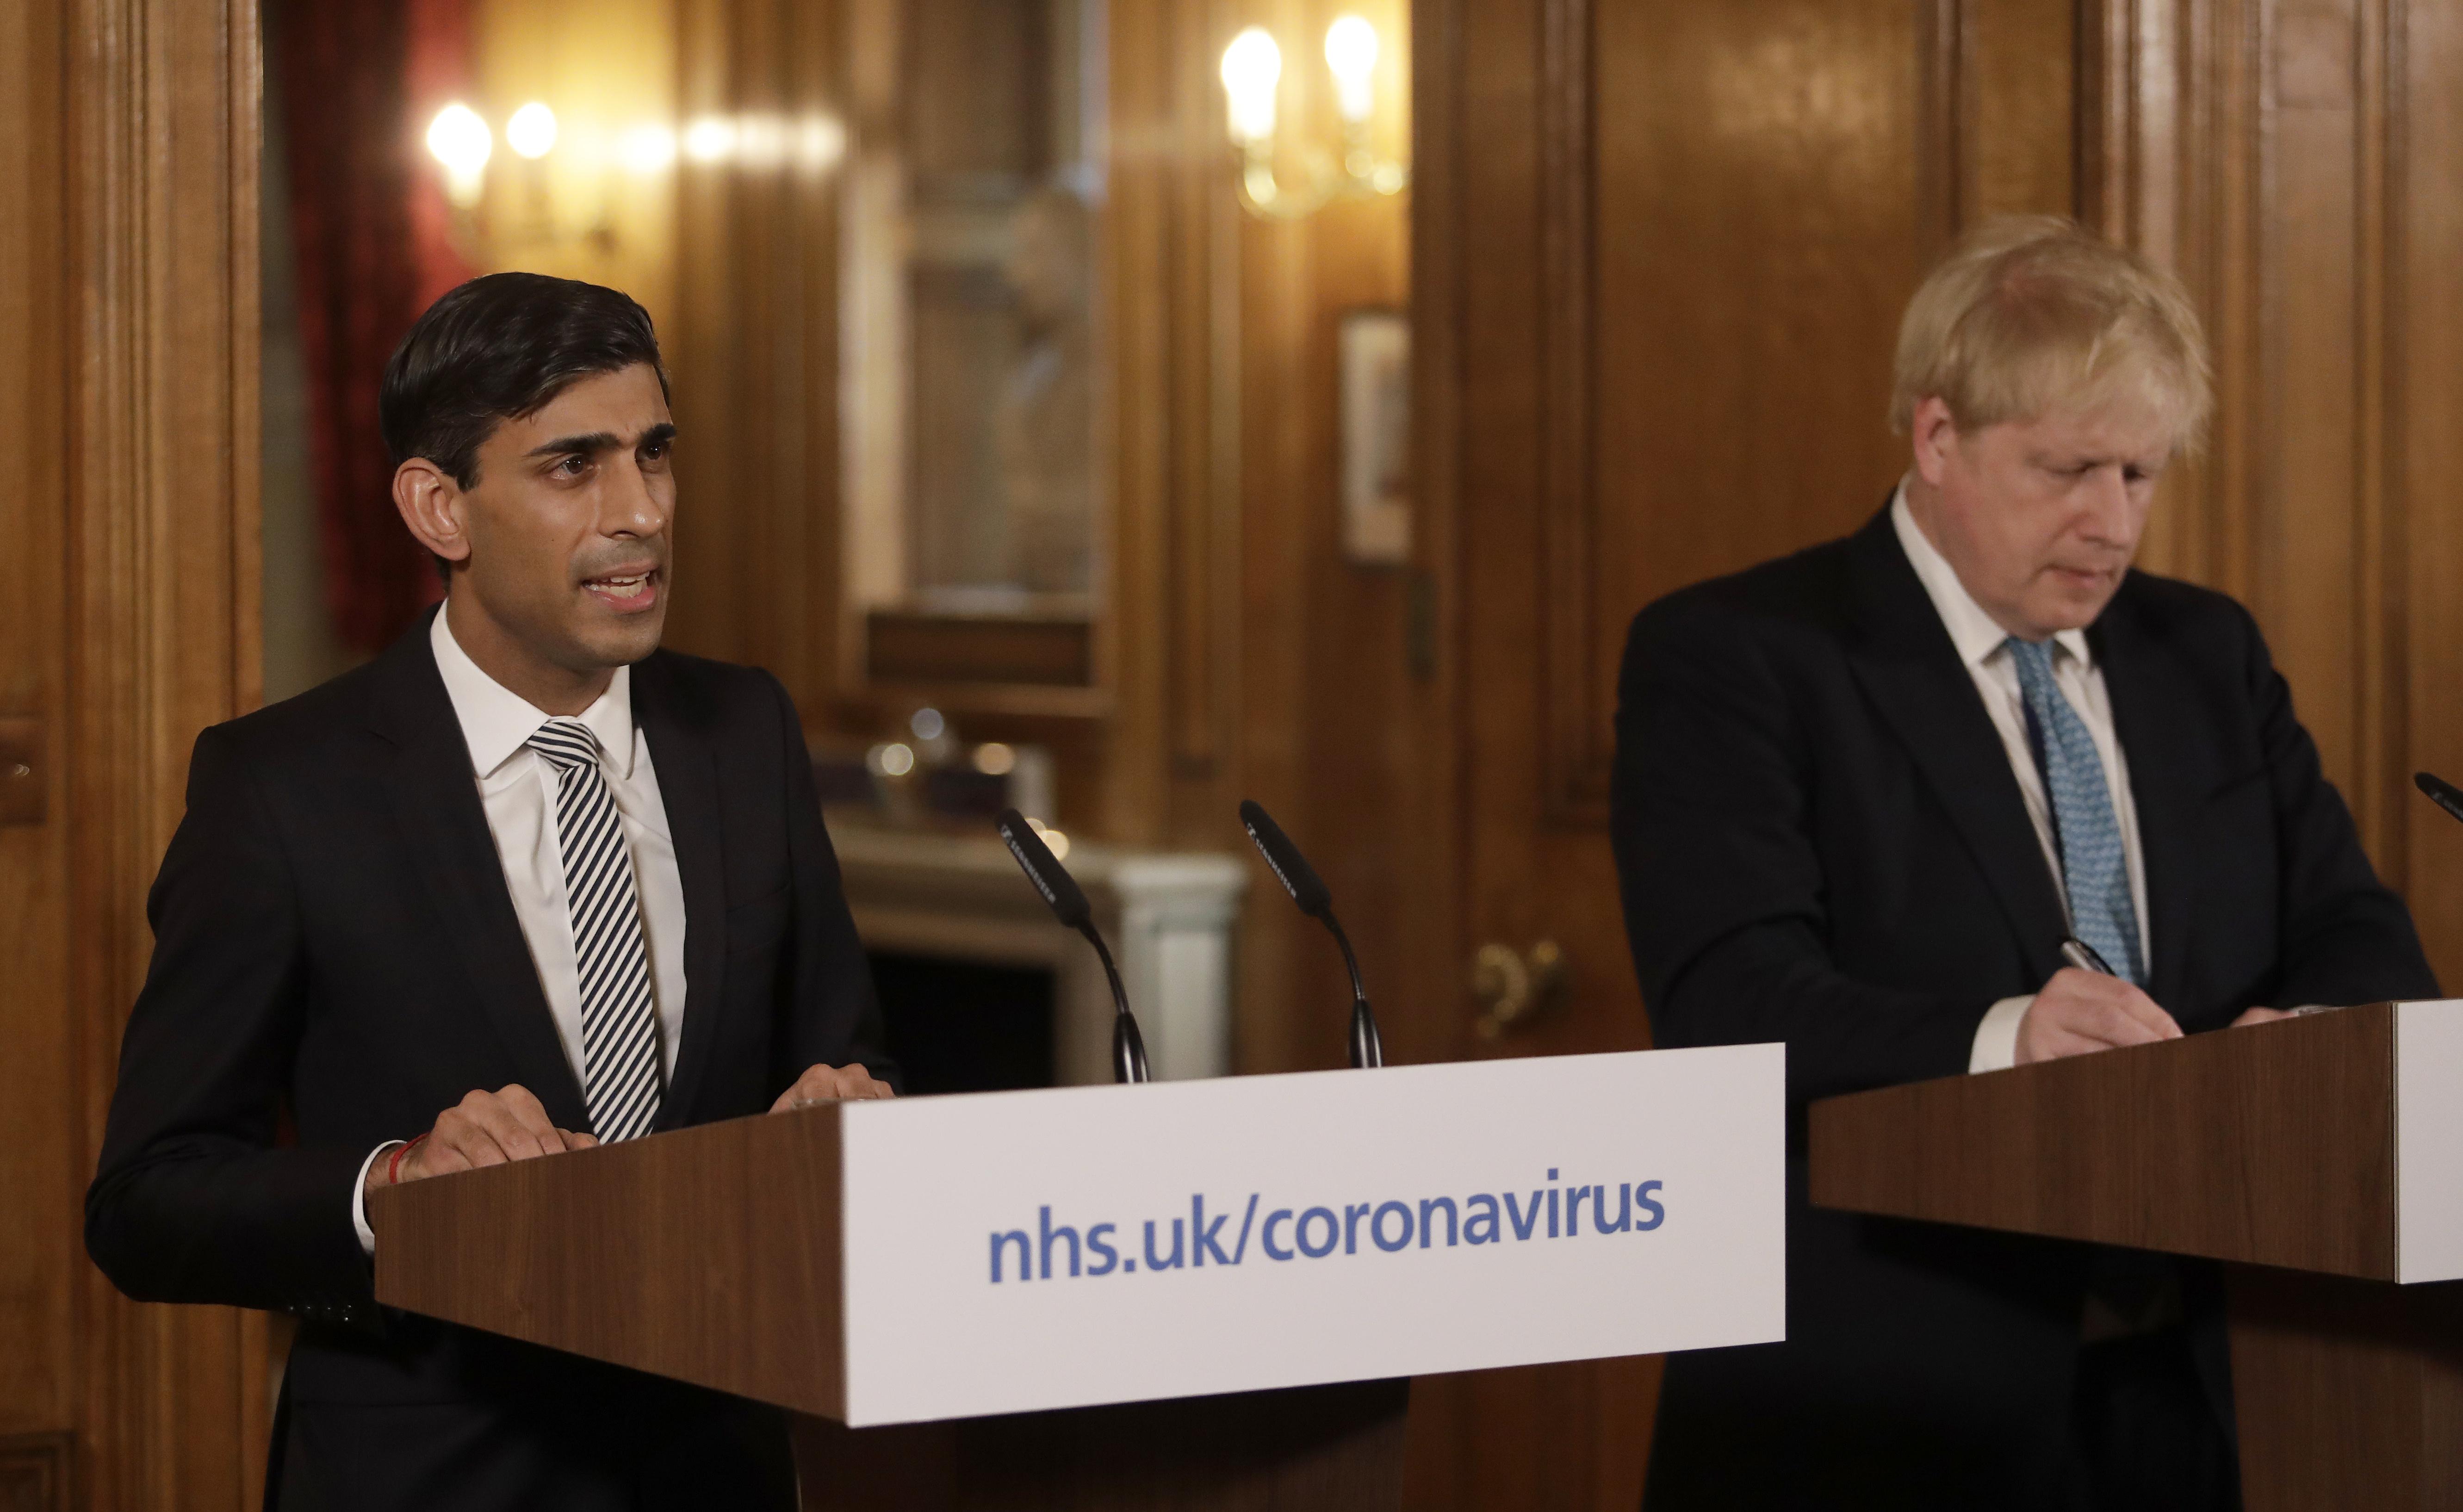 Il Cancelliere dello Scacchiere Rishi Sunak e il Primo Ministro britannico Boris Johnson / Gtres